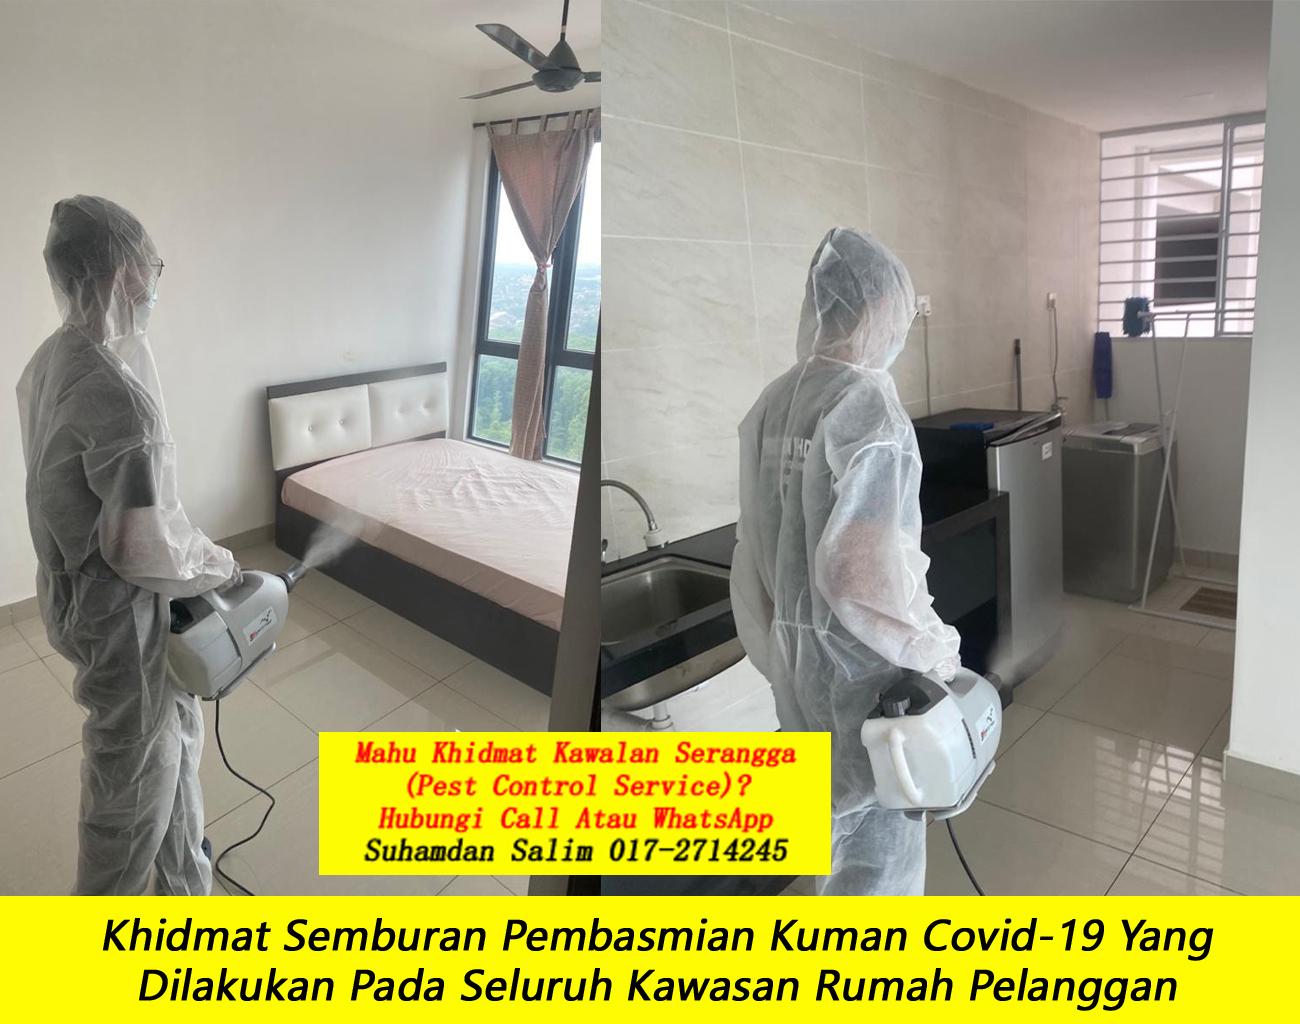 khidmat sanitizing membasmi kuman Covid-19 Disinfection Service semburan sanitize covid 19 paling berkesan dengan harga berpatutan the best service covid-19 Bandar Manjalara kl